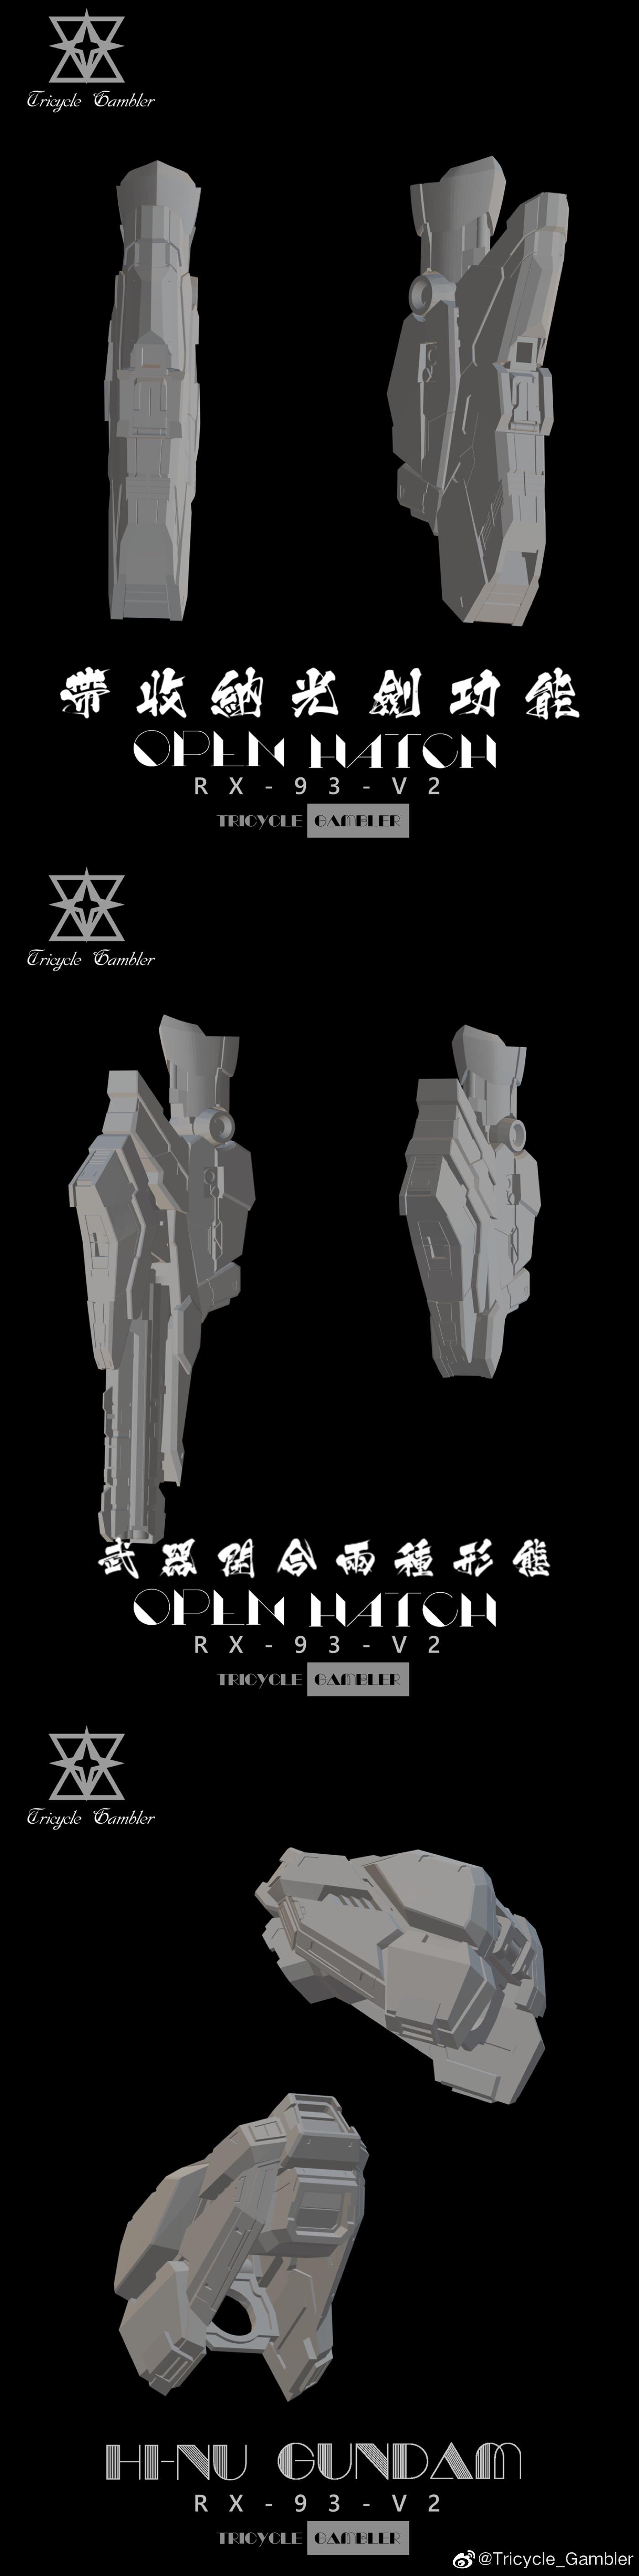 S617_TRICYCLE_GAMBLER_S617_hi_nu_yujiaoland_003.jpg